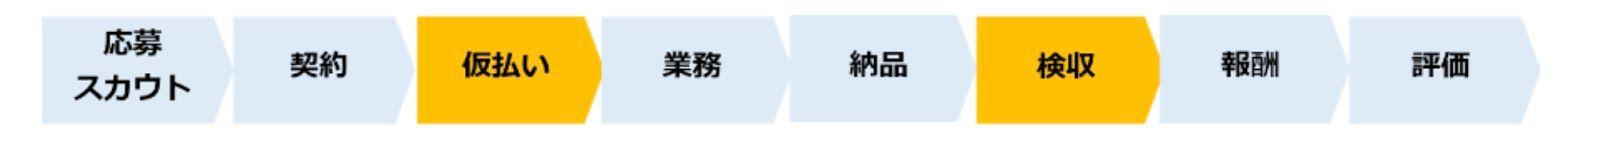 クラウドワークスプロジェクト形式